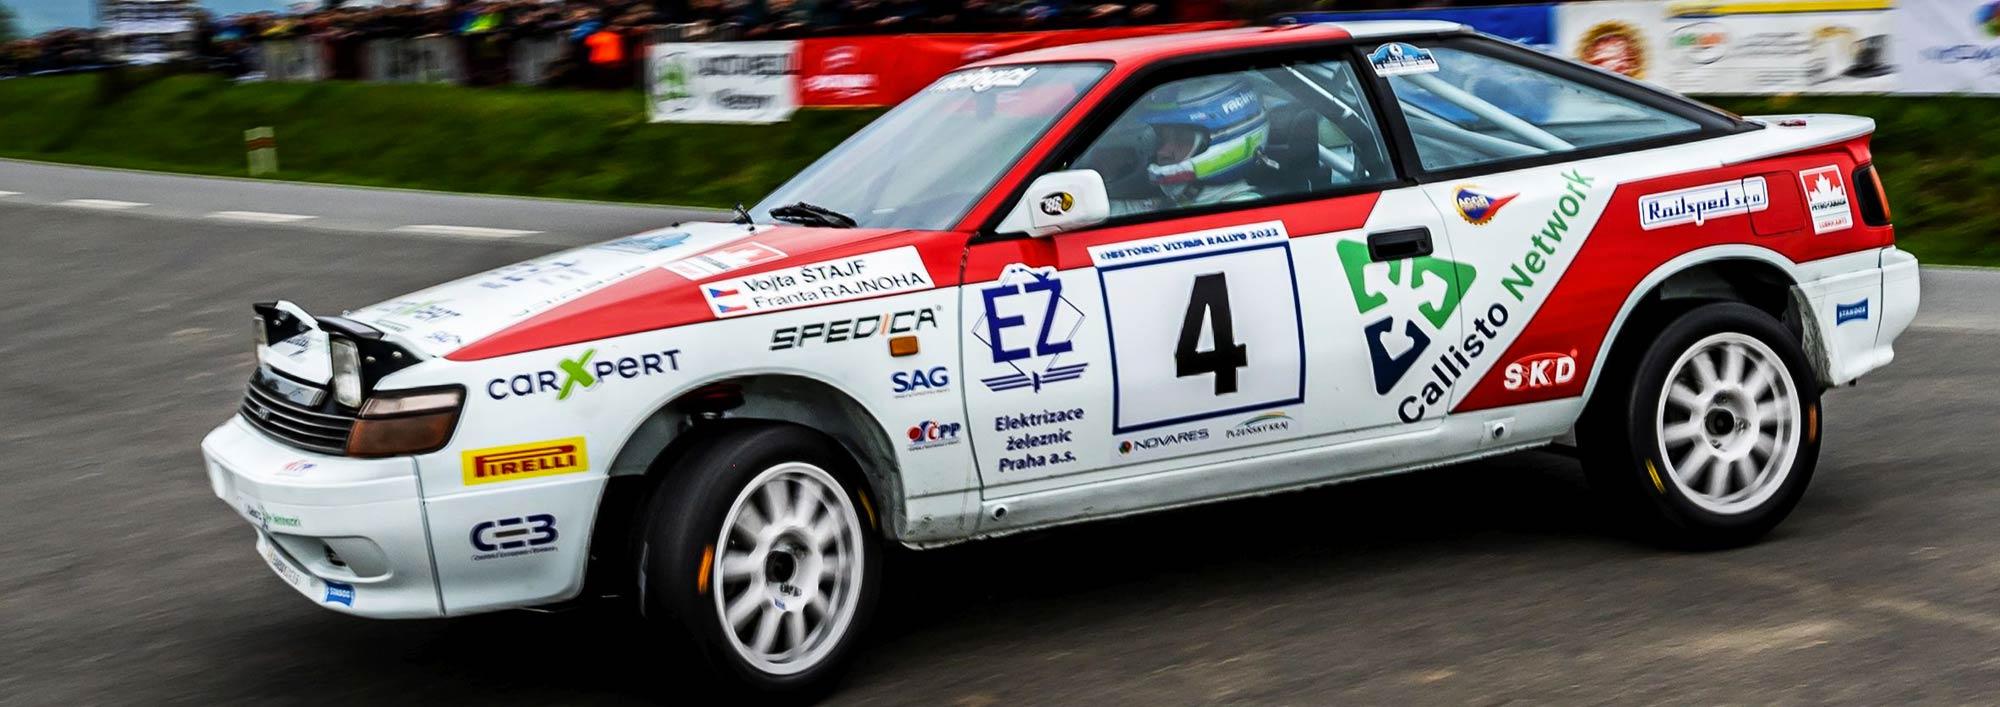 RACING 21: Partneři - Škoda WRC, rally, team, Štajf, Ehlová, Racing 21, závodník Škoda